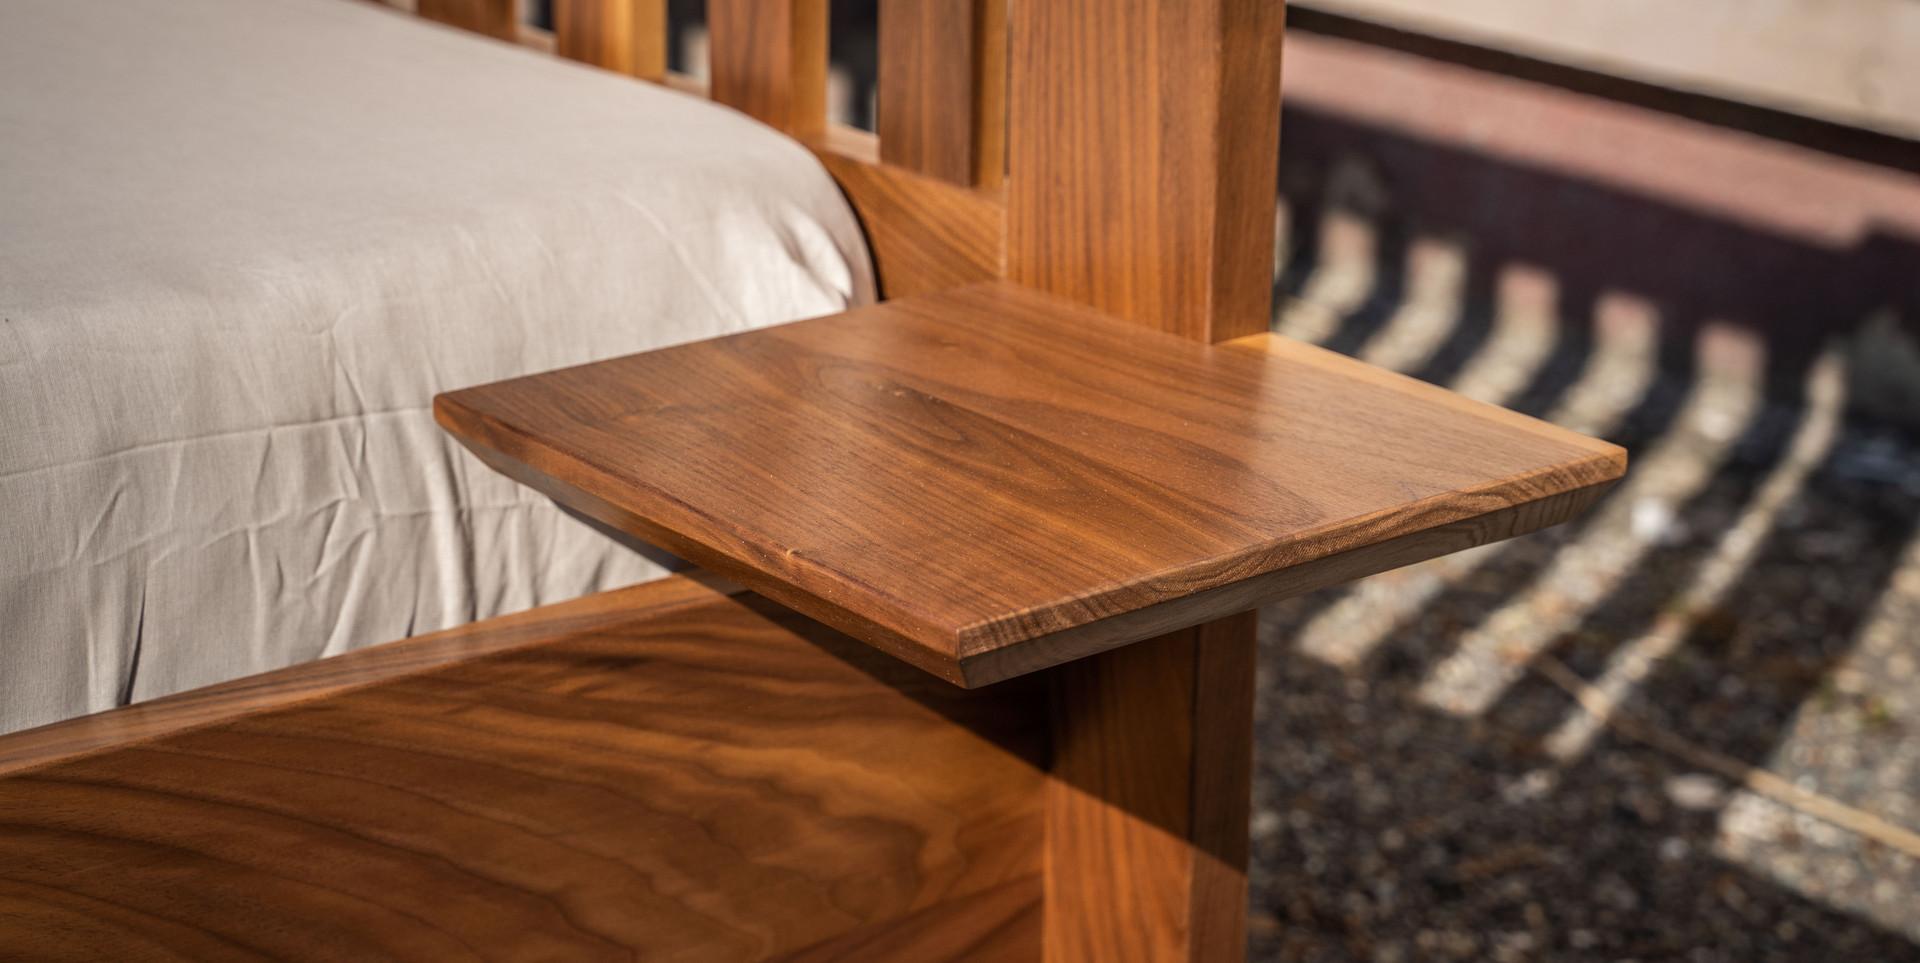 Postel z ořechu černého - detail nočního stolku